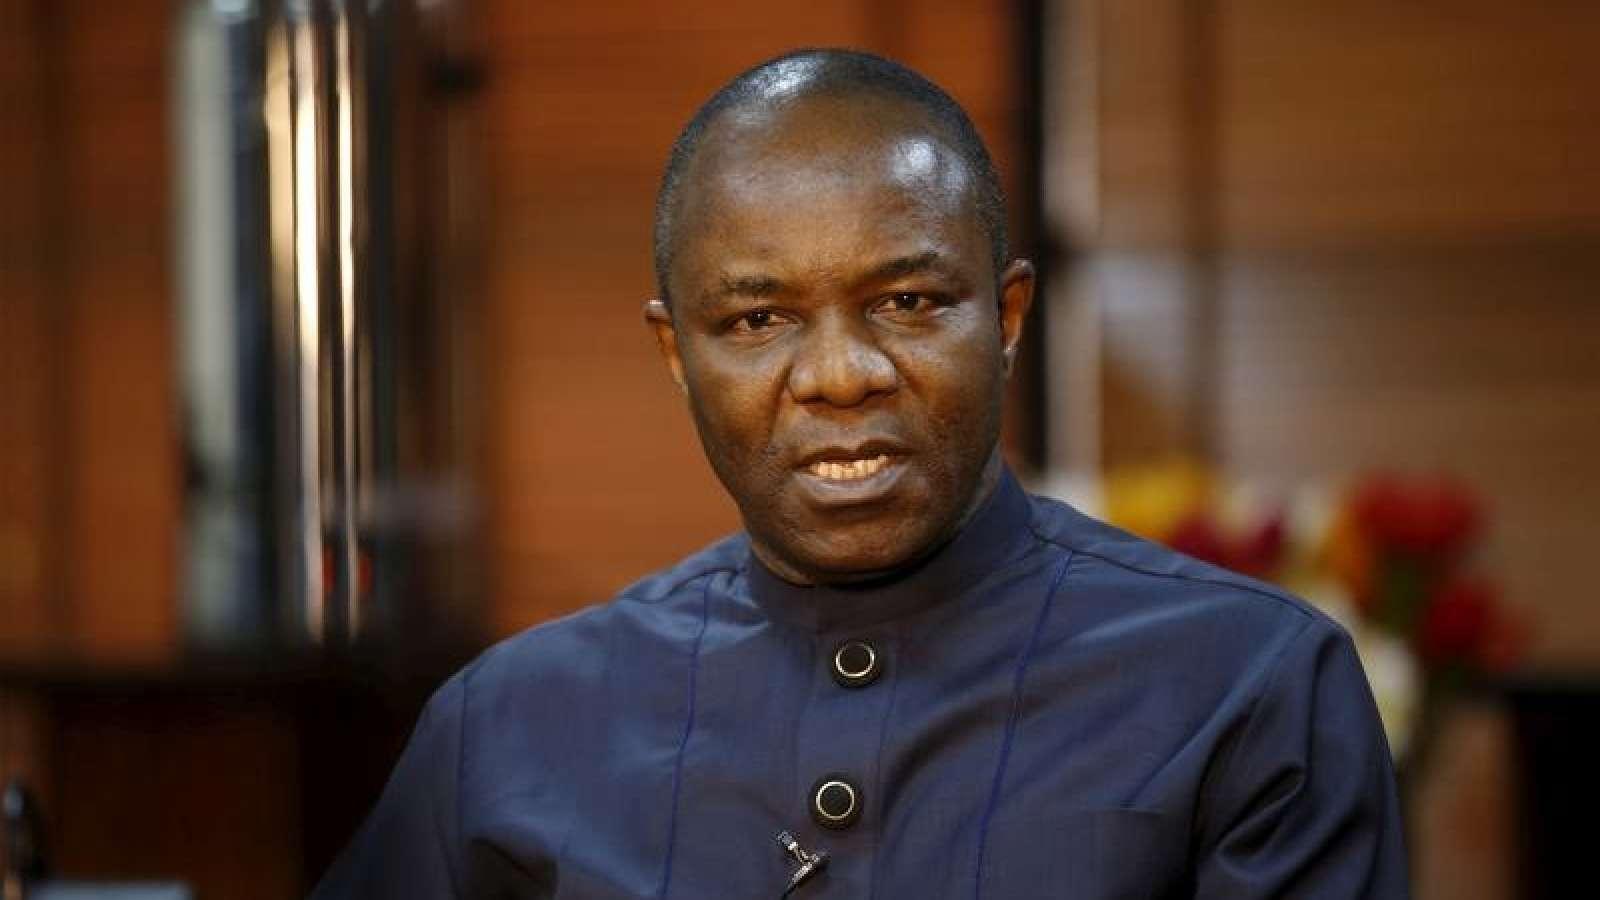 The Group Executive Director, Nigeria National Petroleum Corporation (NNPC), Mr Mele Kyari